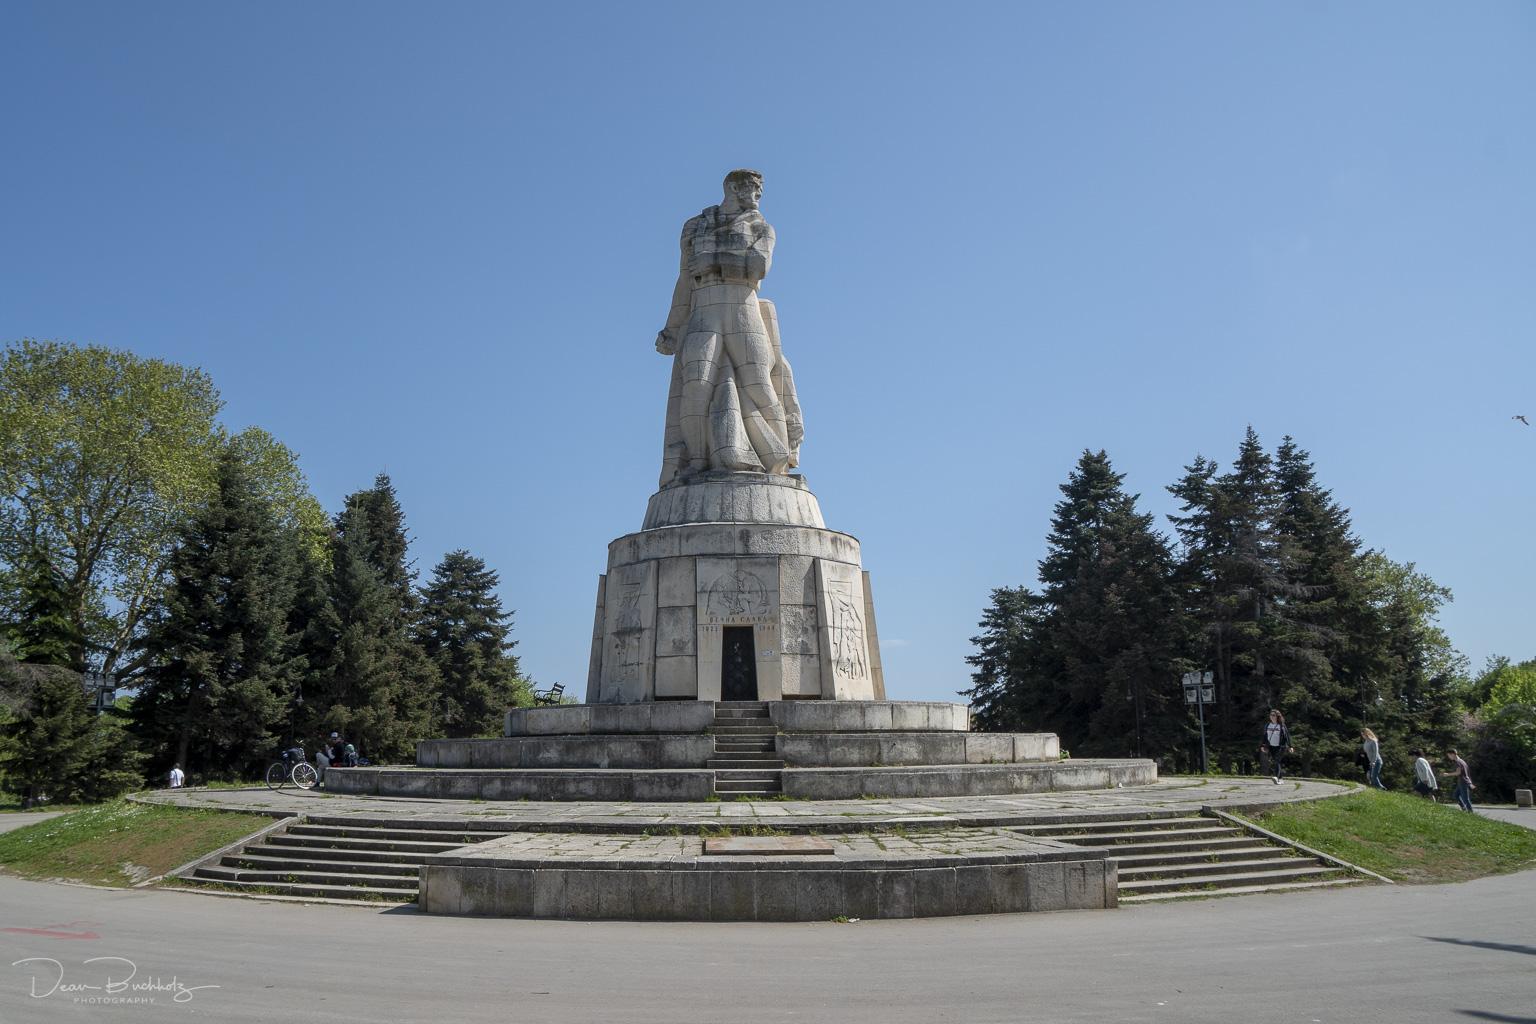 Teddy und Ich Urlaub Bulgarien 2019 – Varna (Варна)